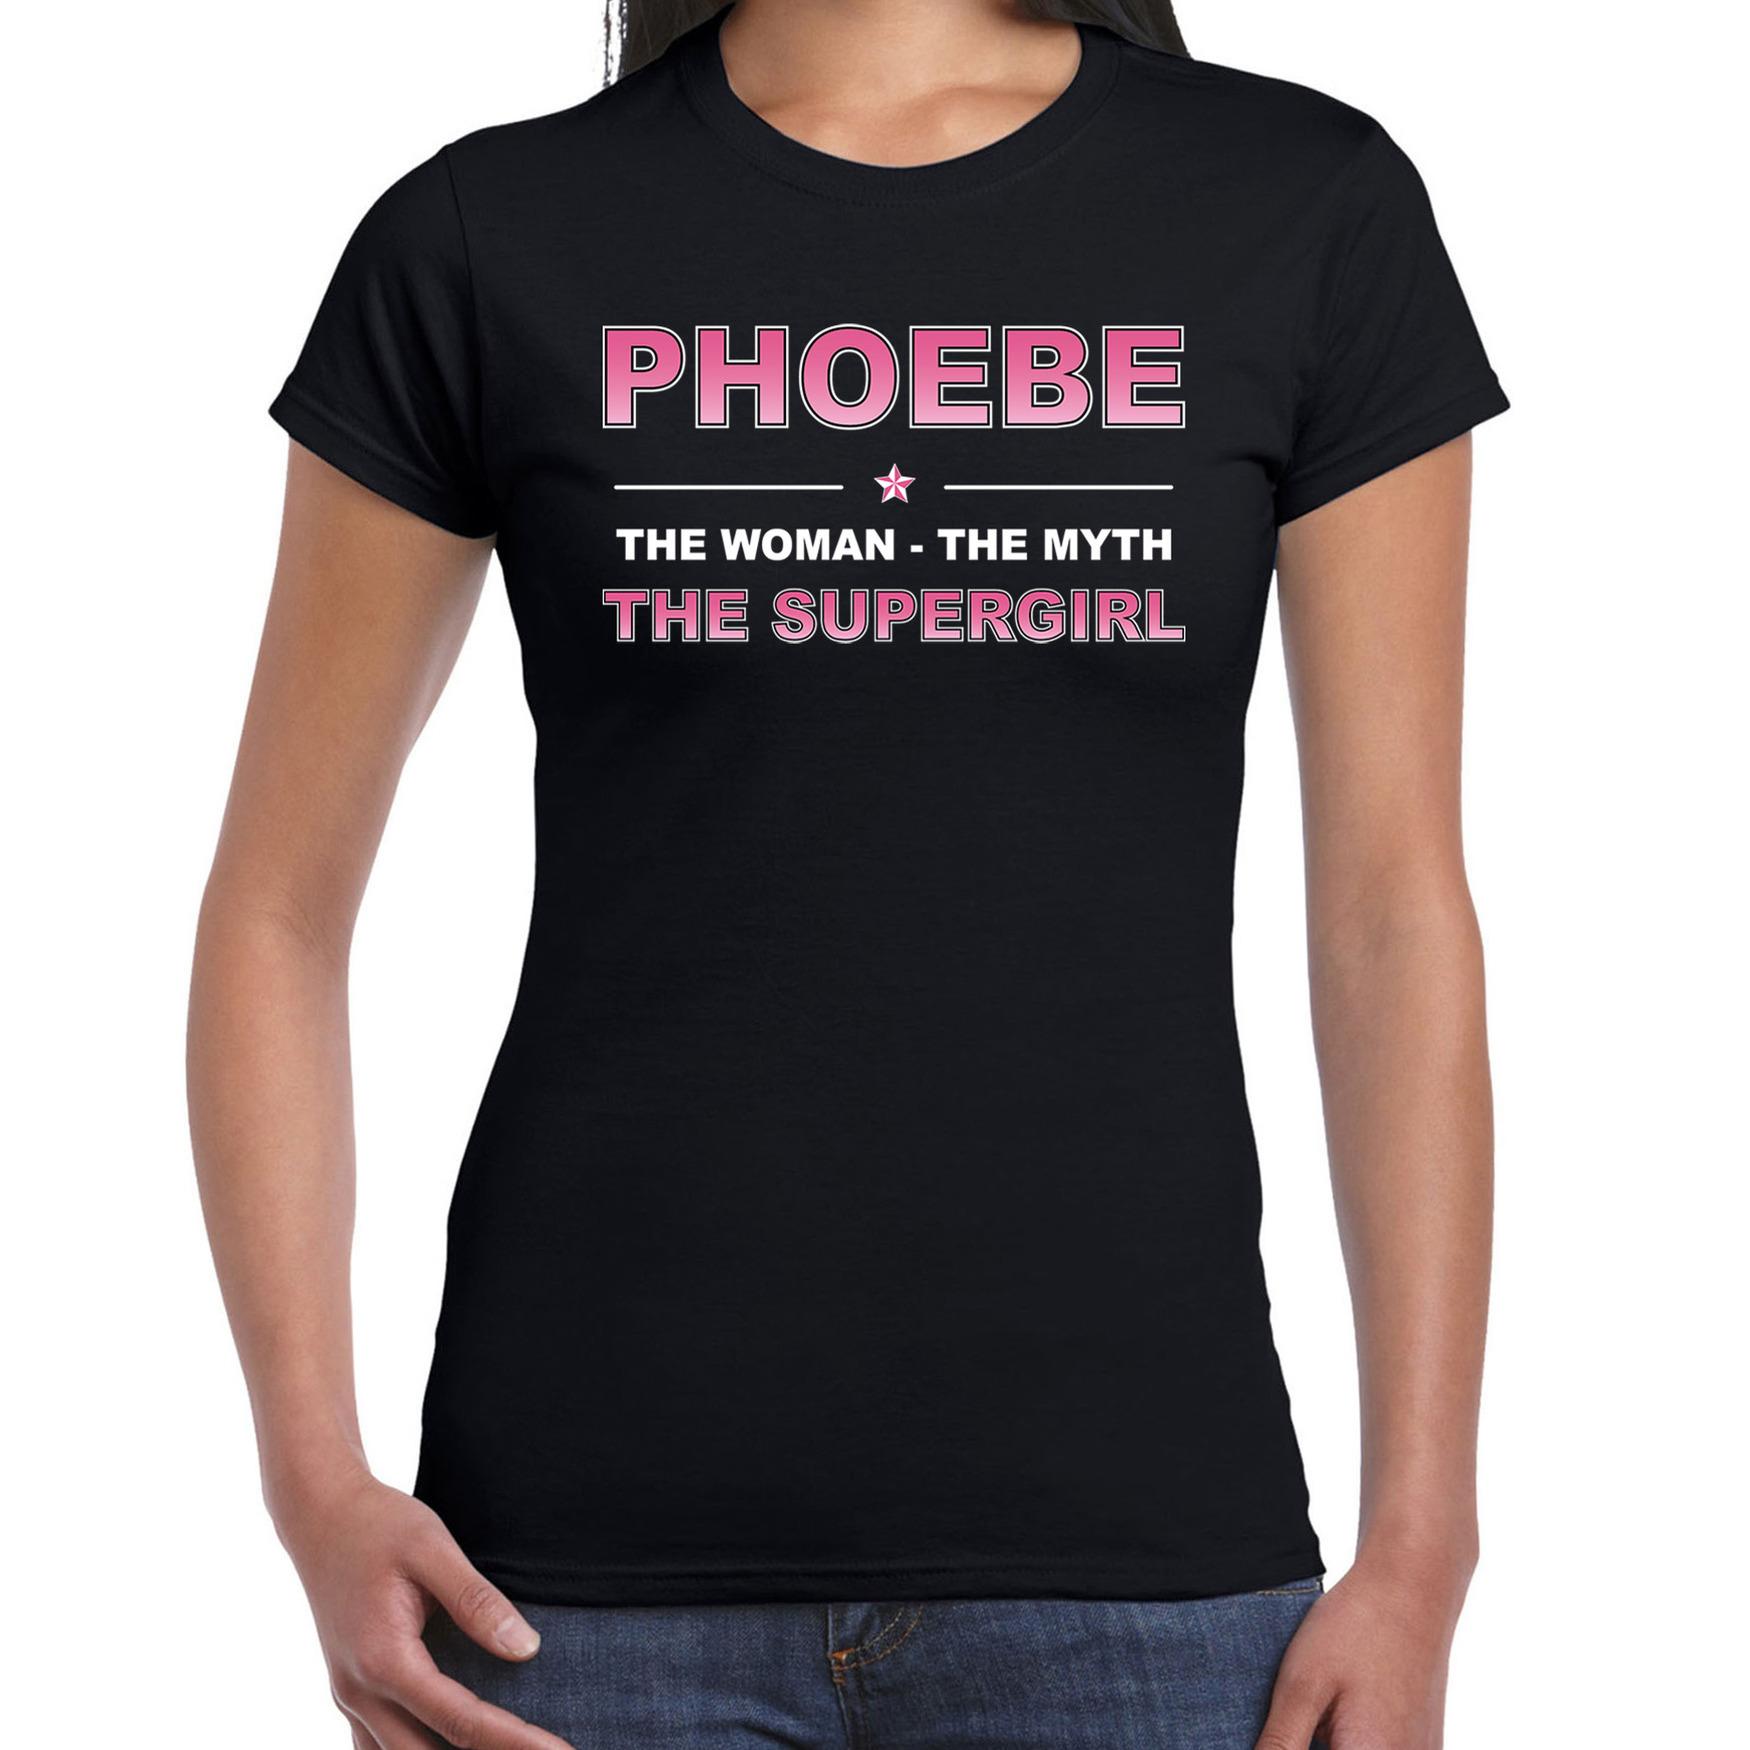 Naam cadeau t-shirt / shirt Phoebe - the supergirl zwart voor dames